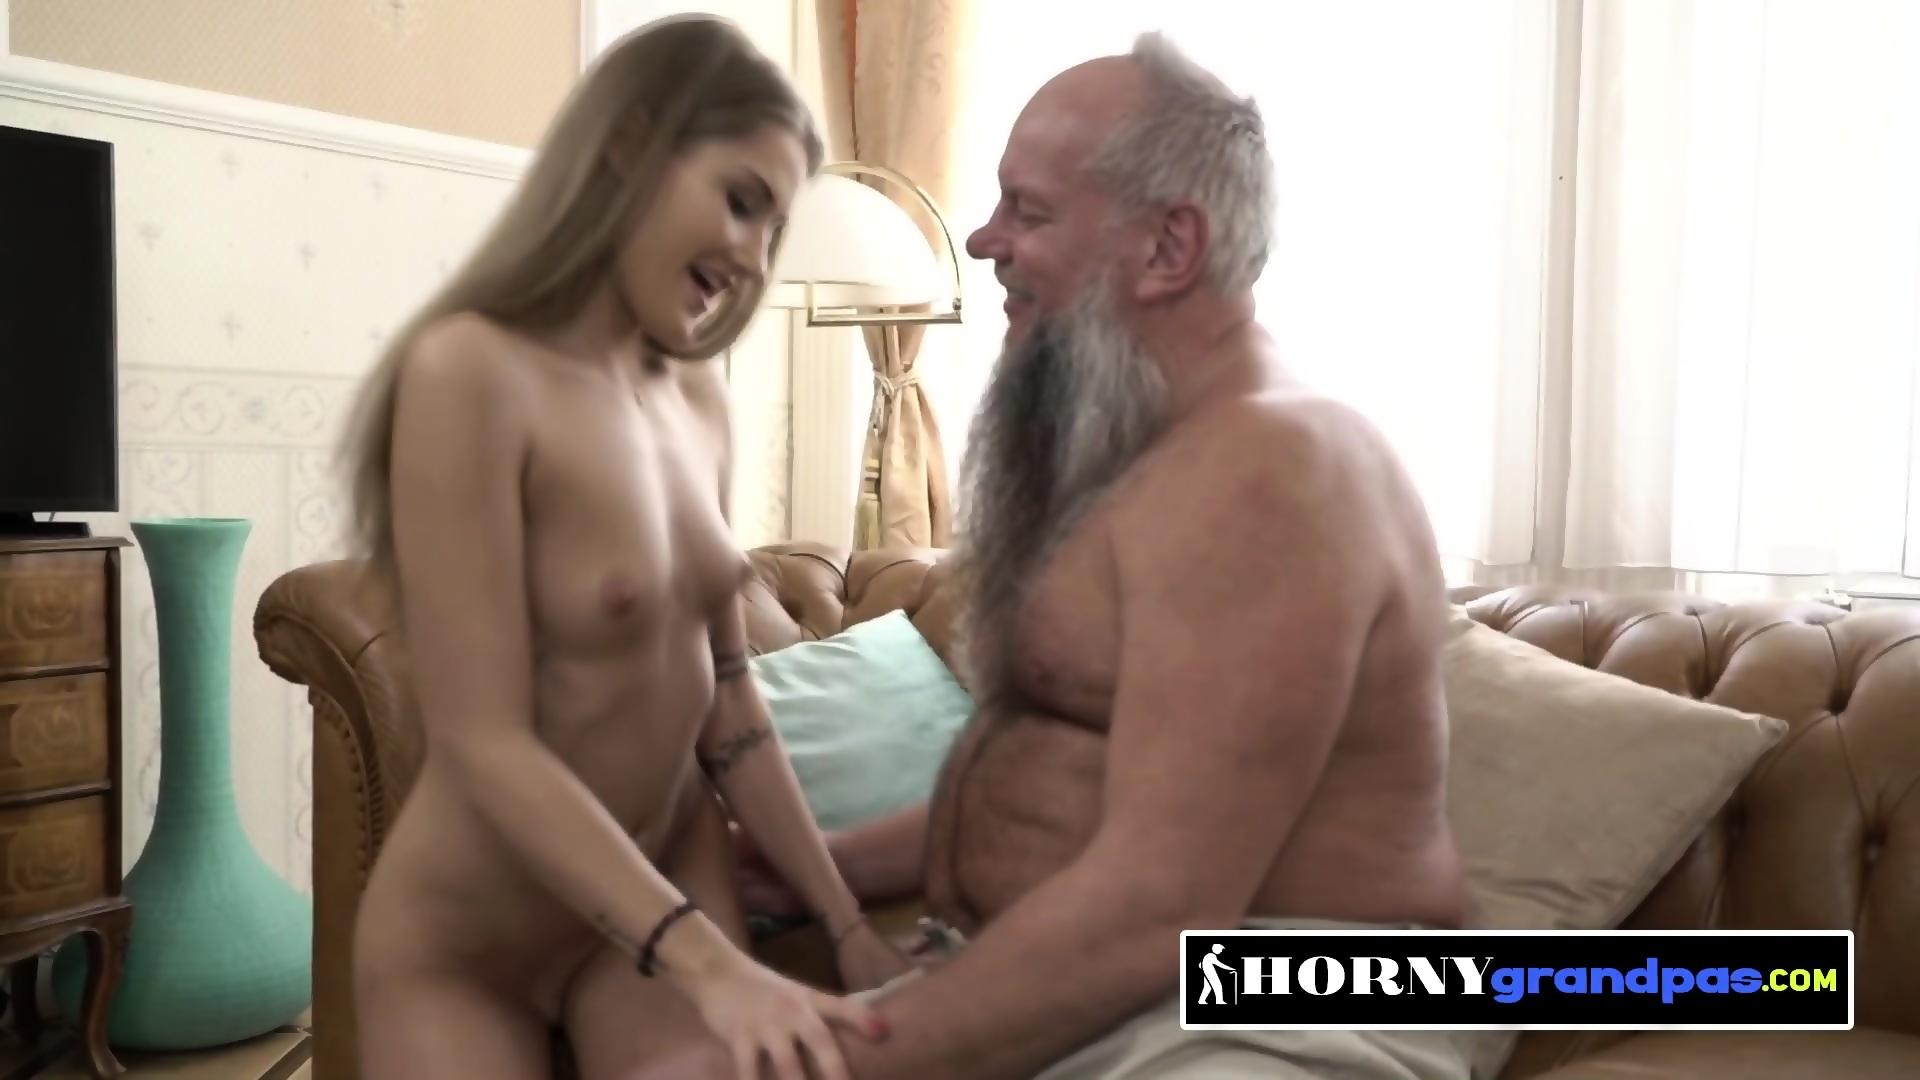 Hardcore Lisha Ass Ladyboy Play